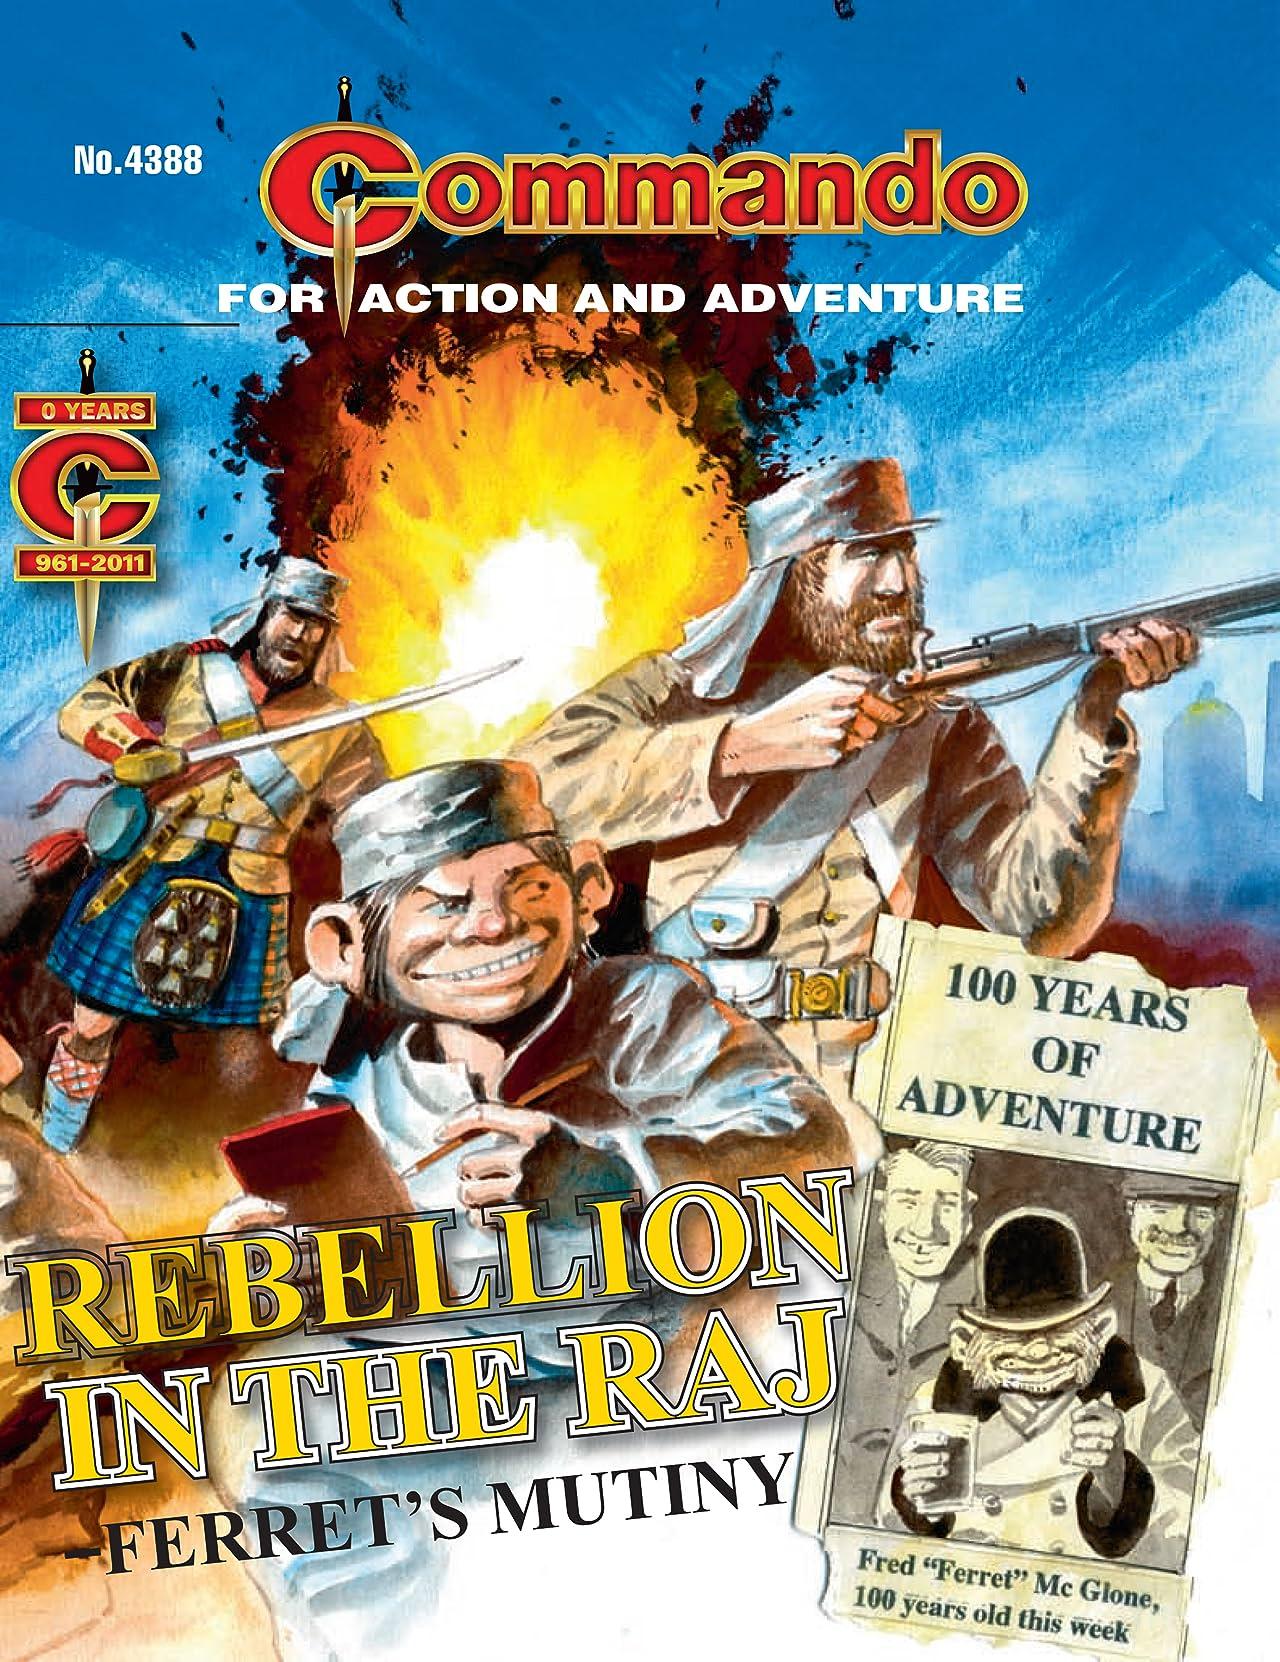 Commando #4388: Rebellion In The Raj